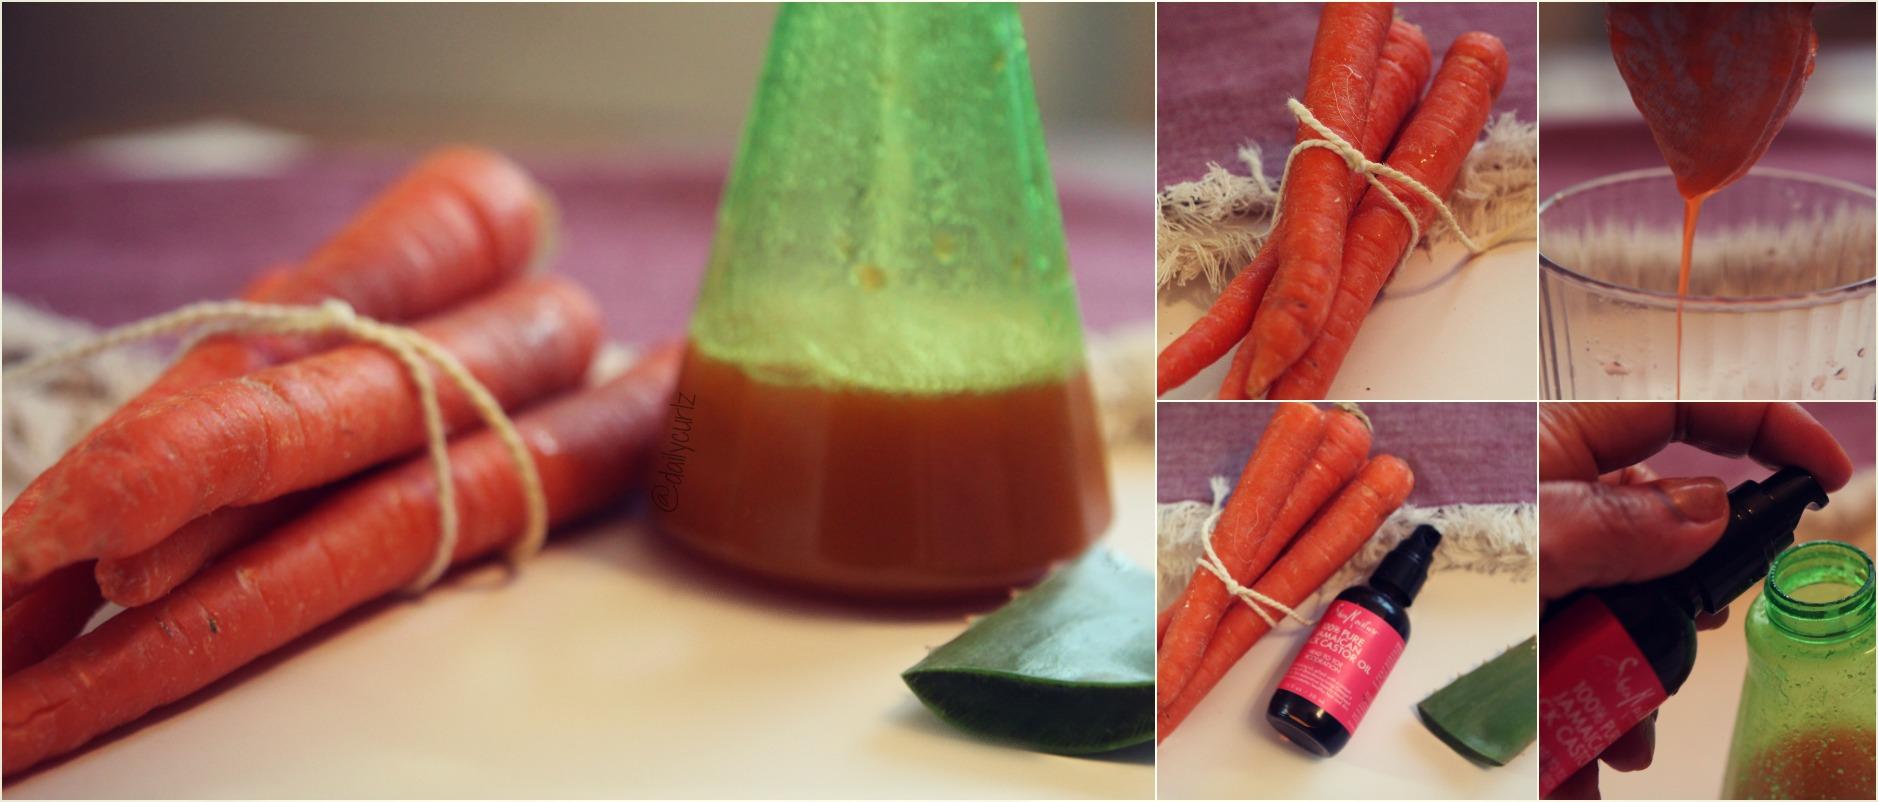 Tratamiento Capilar de Jugo de Zanahoria y Aloe Vera